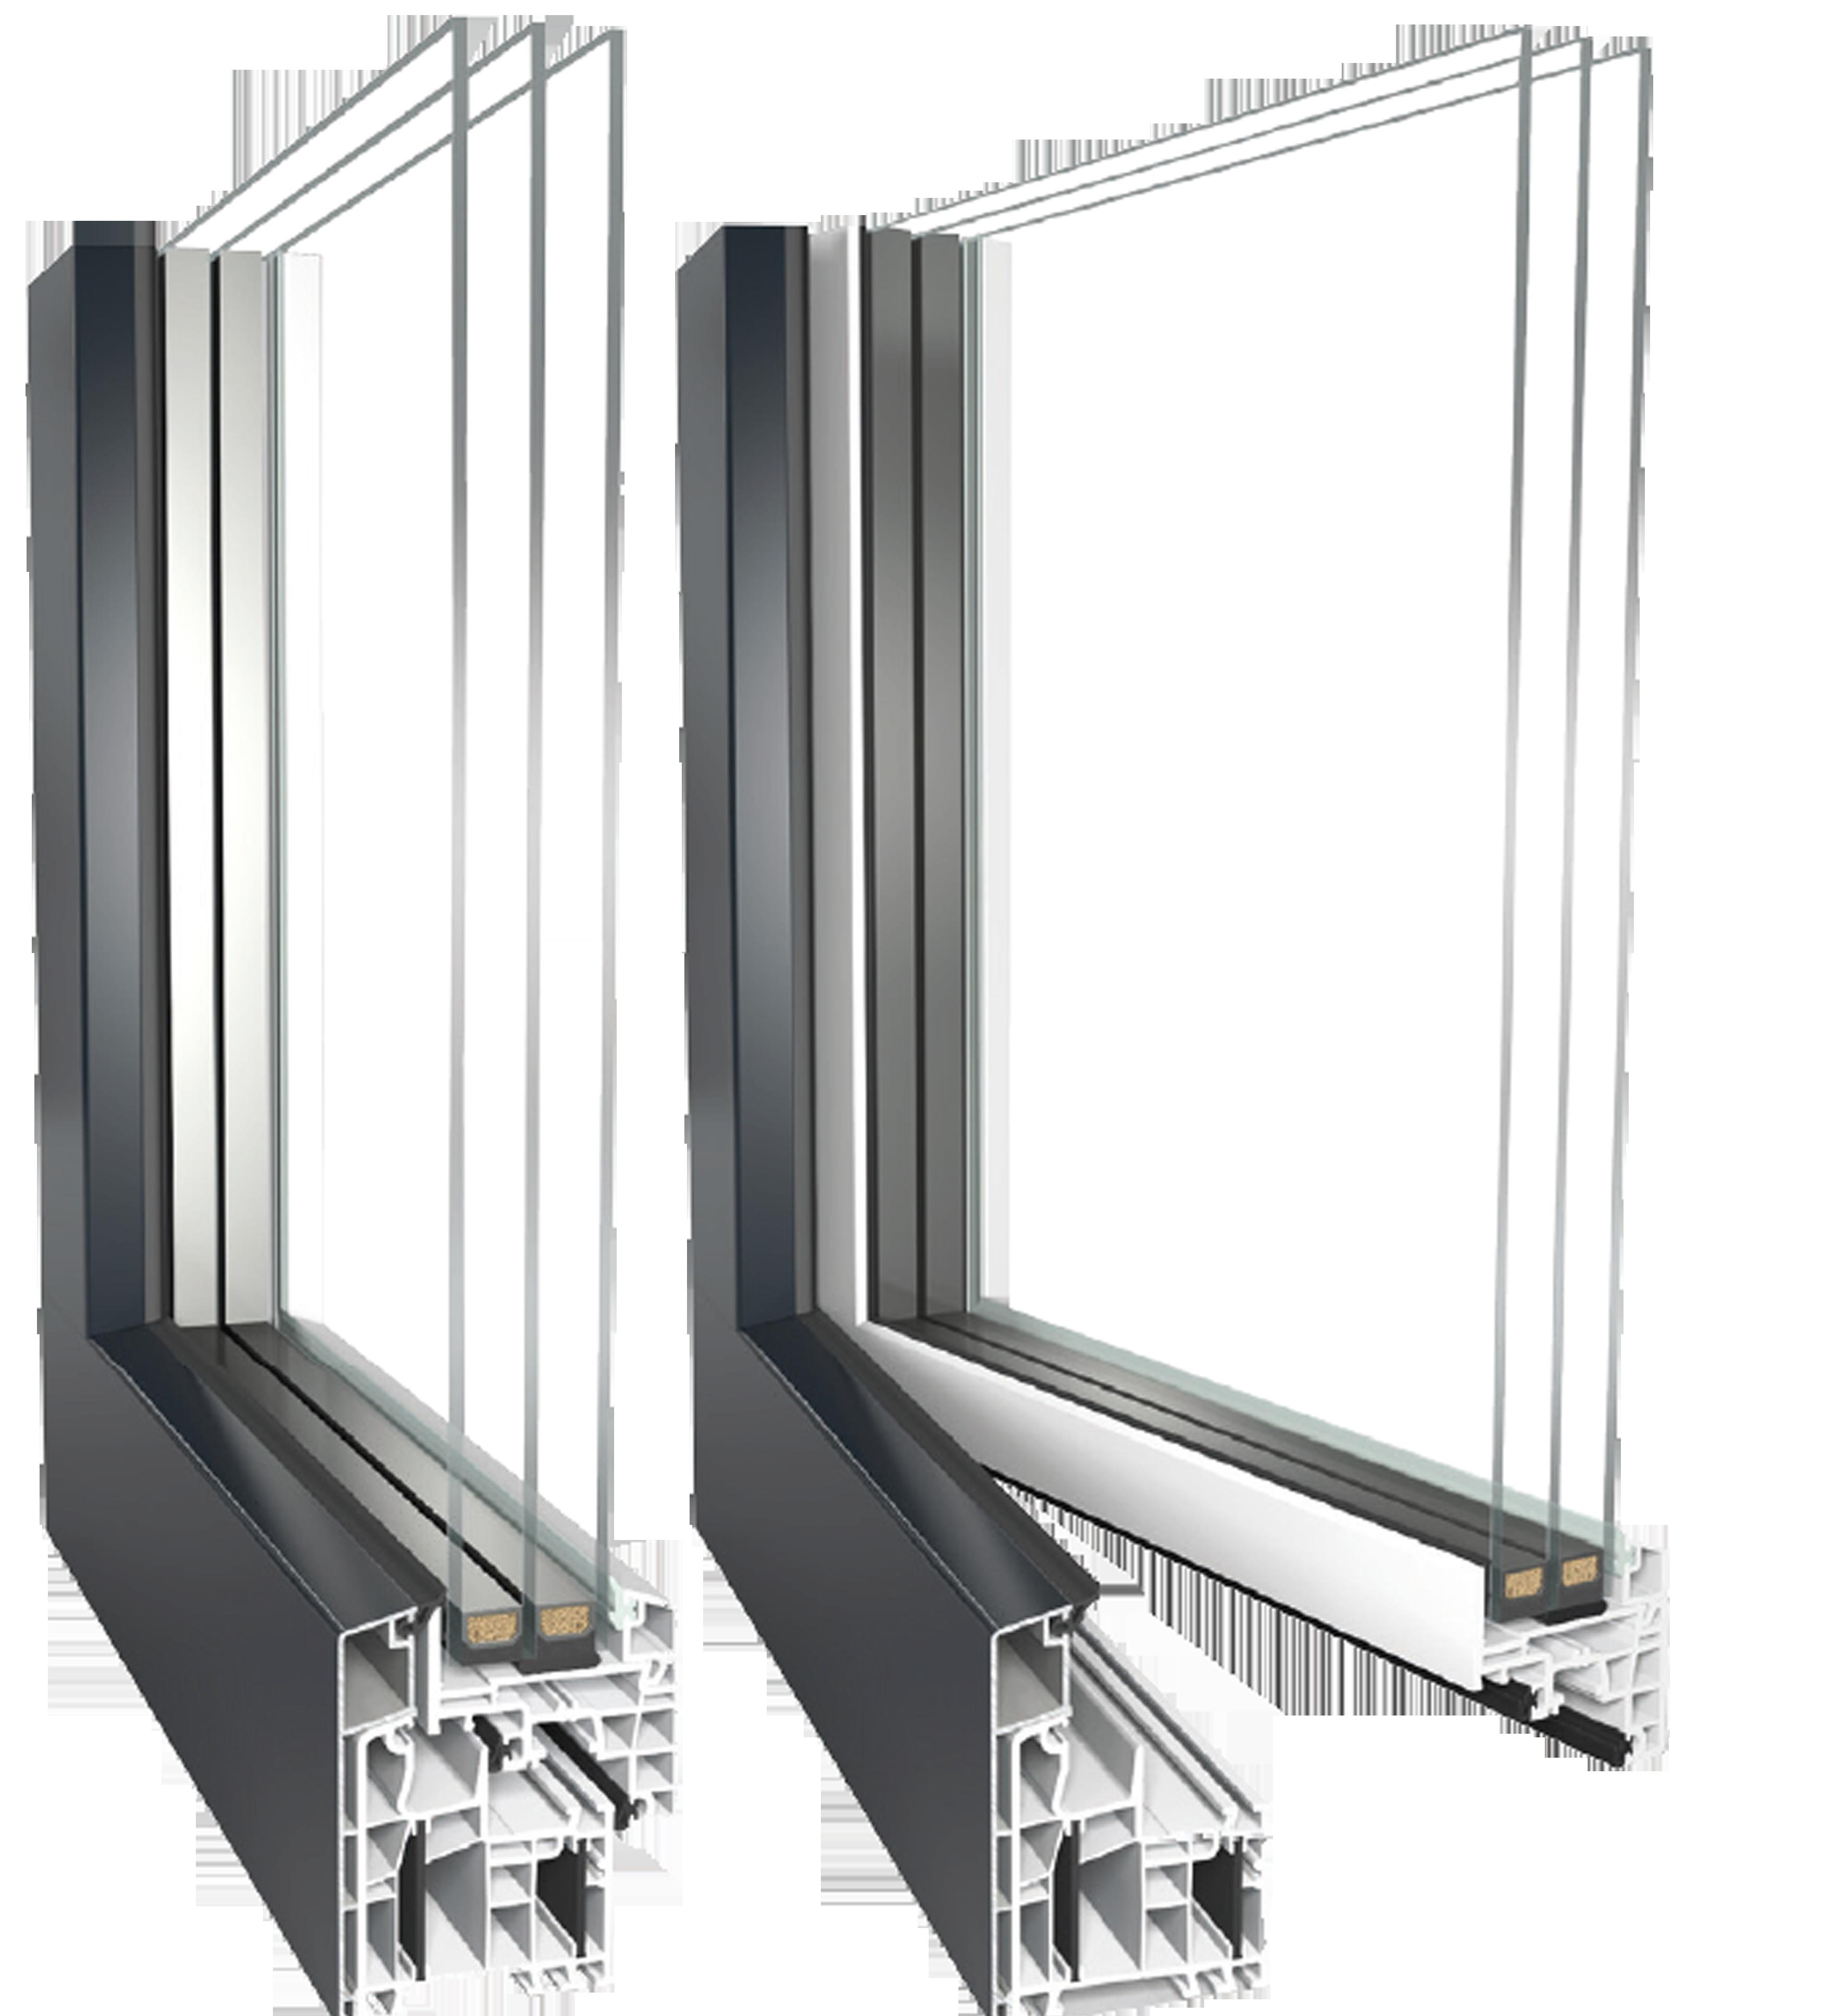 Full Size of Kunststofffenster Energeto View 5000 Fenster100 Fliegennetz Fenster Austauschen Kosten Auf Maß Kunststoff Insektenschutz Ohne Bohren Bodentiefe De Klebefolie Fenster Kunststoff Fenster